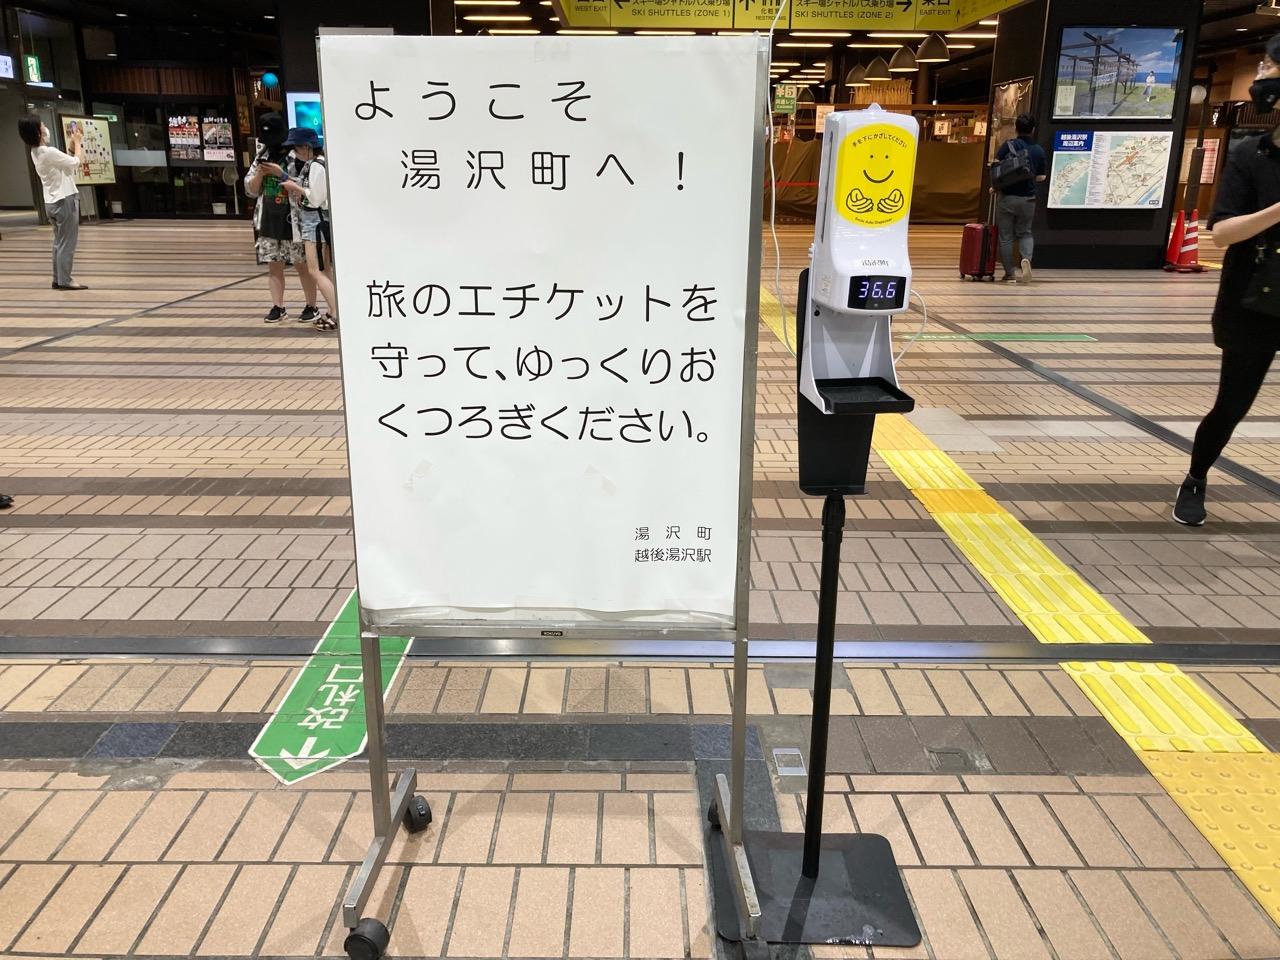 越後湯沢駅で見つけたひみつどうぐ